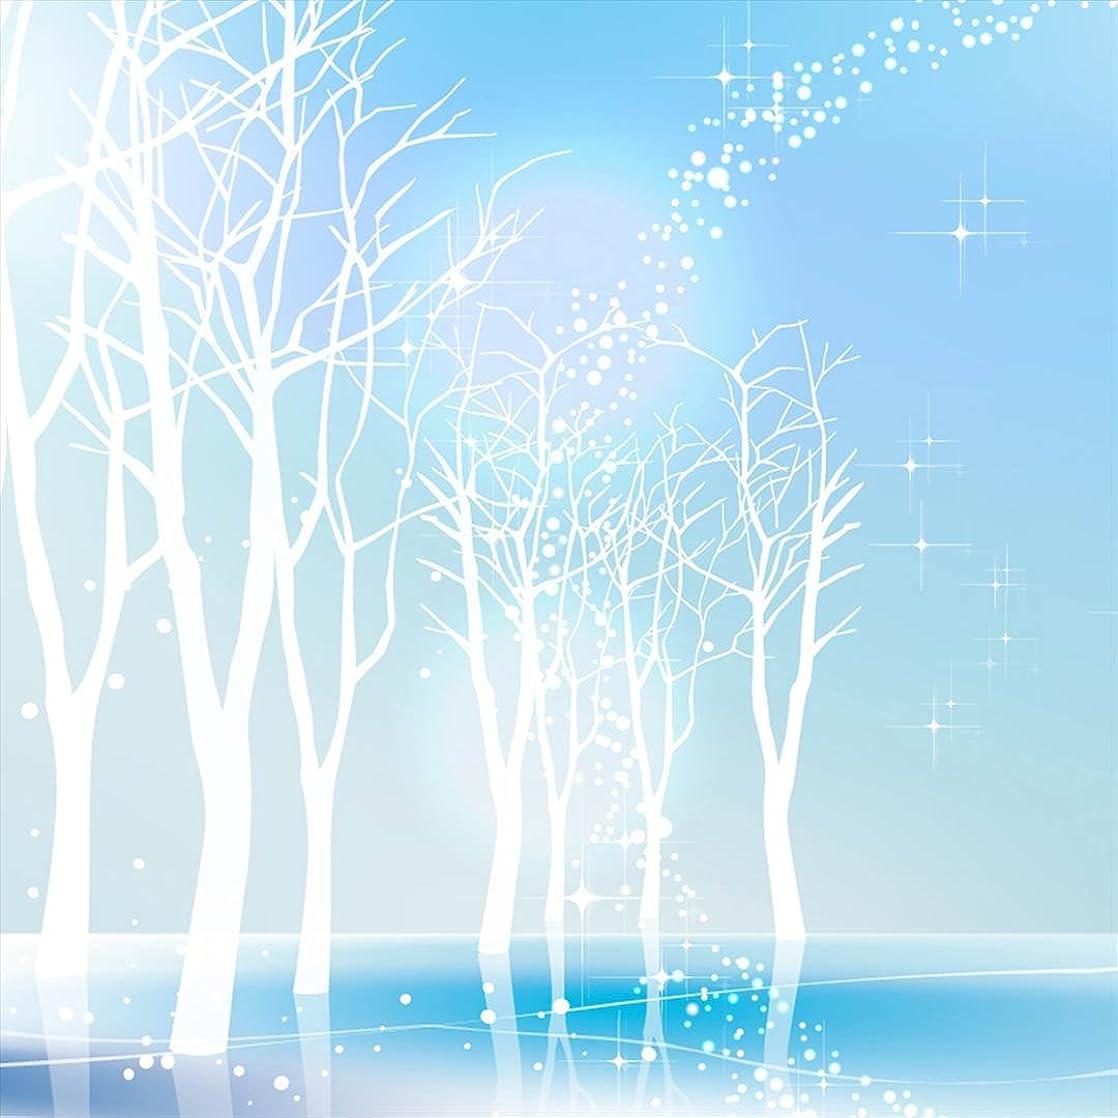 バウンス冒険者ジャンプポスター ウォールステッカー 正方形 シール式ステッカー 飾り 60×60cm Msize 壁 インテリア おしゃれ 剥がせる wall sticker poster その他 雪景色 水色 001451